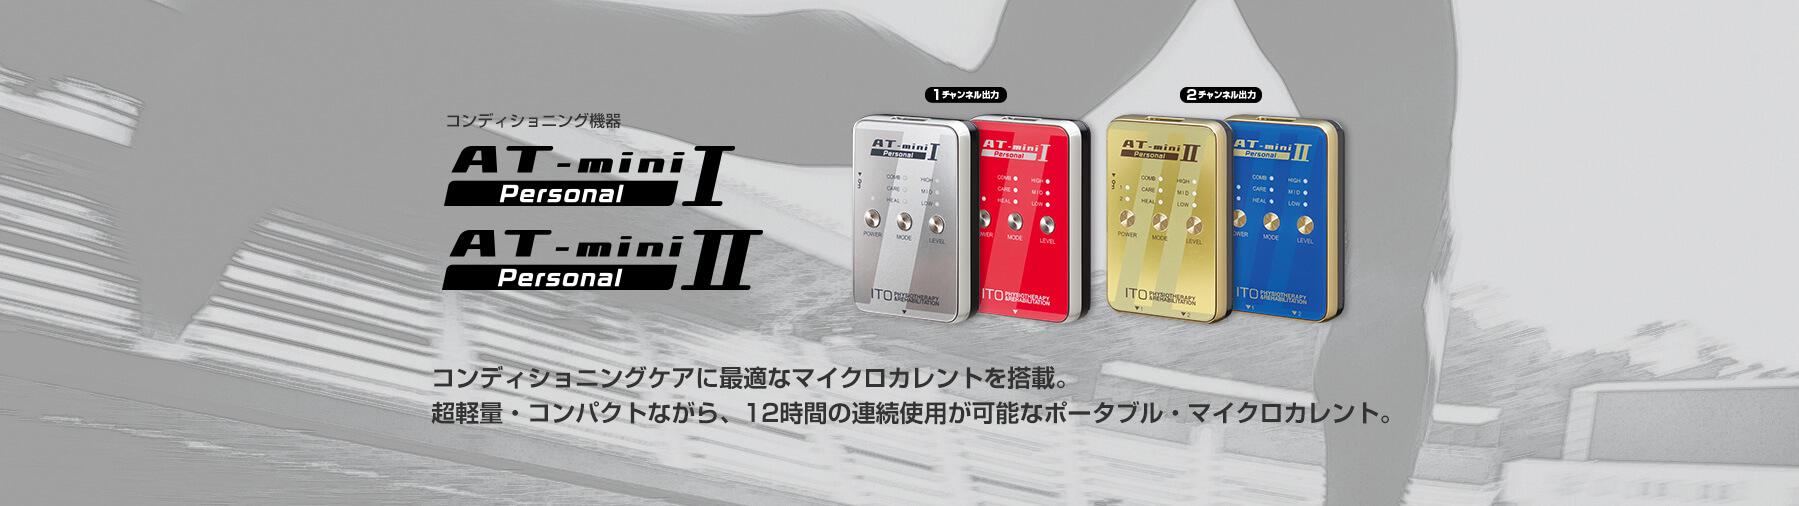 コンディショニング機器「AT-mini Personal | / II」